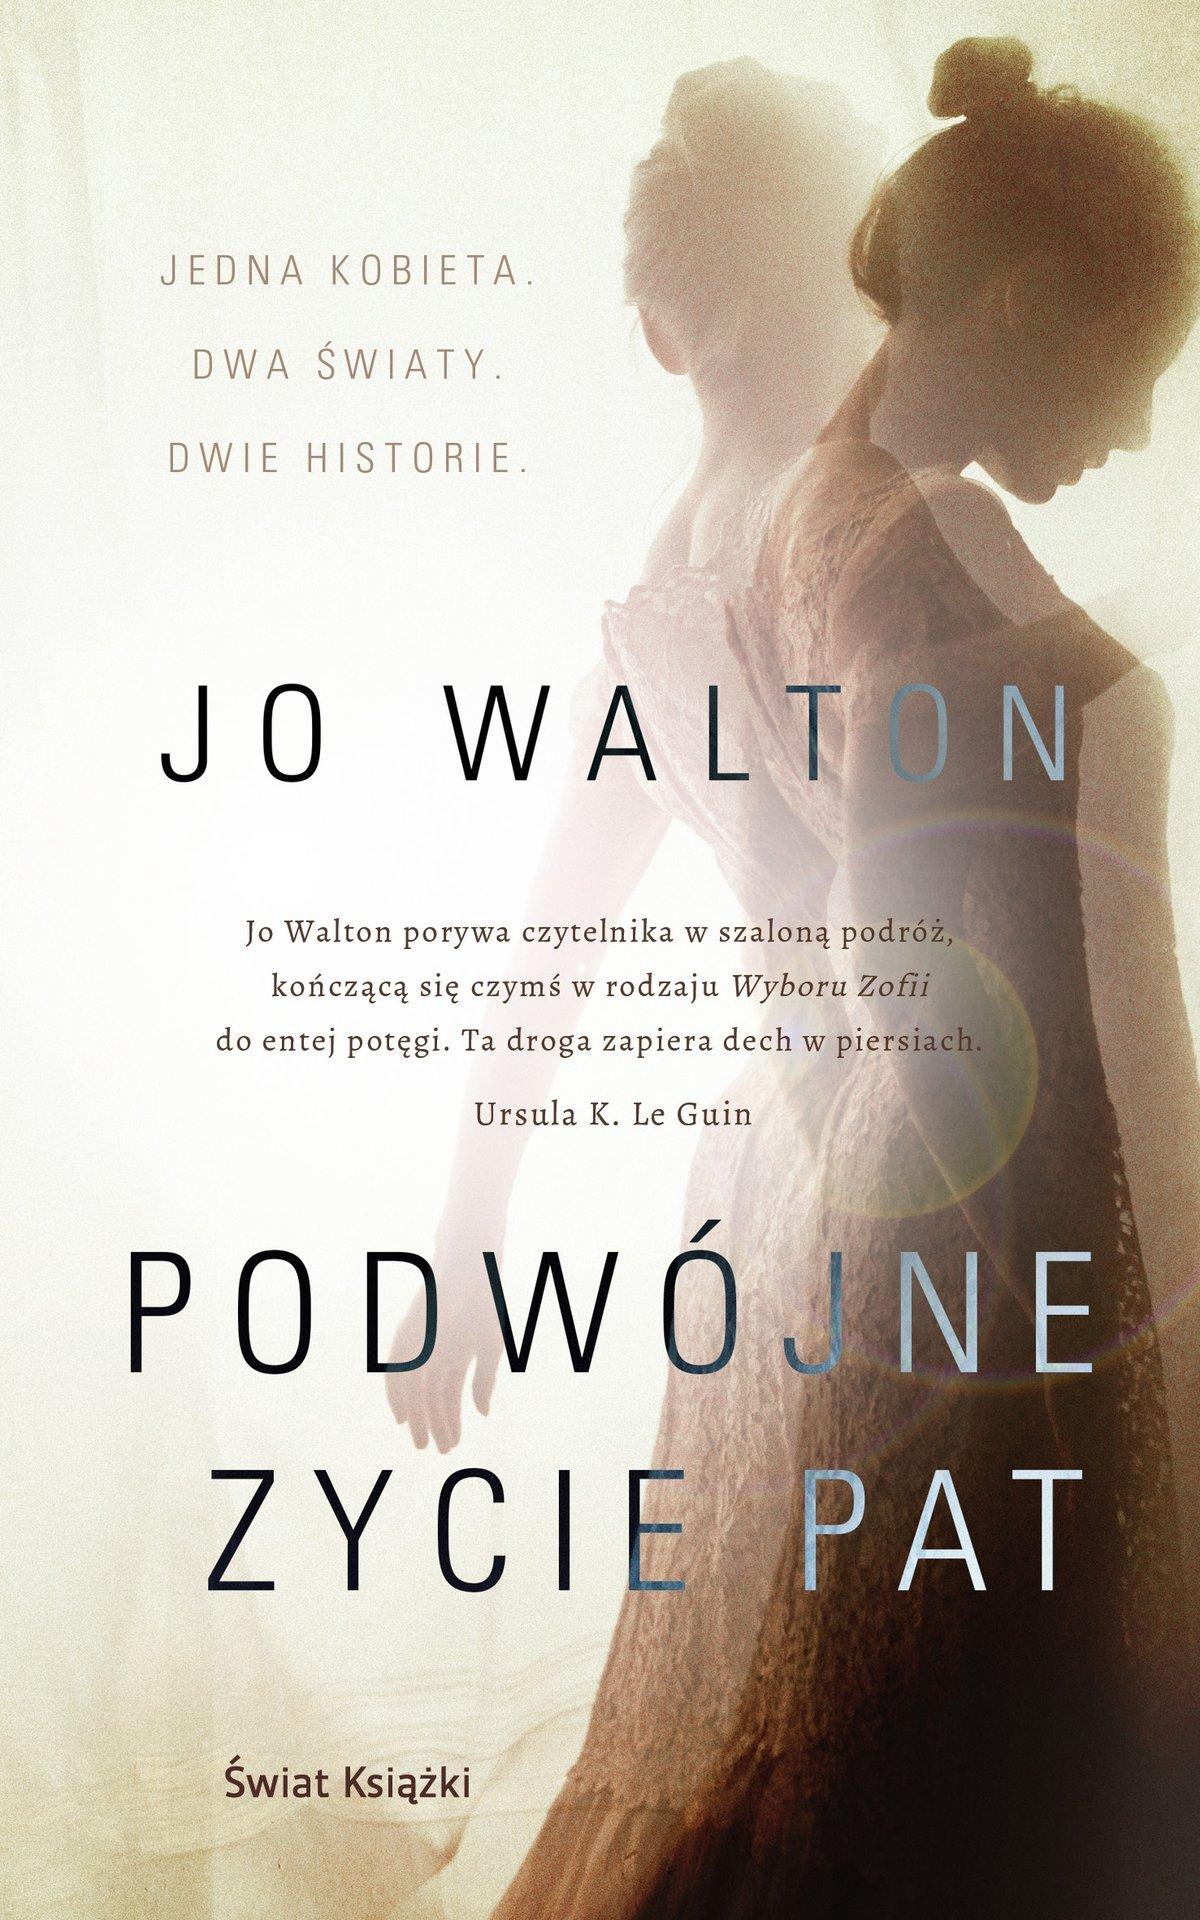 Podwójne życie Pat - Ebook (Książka na Kindle) do pobrania w formacie MOBI